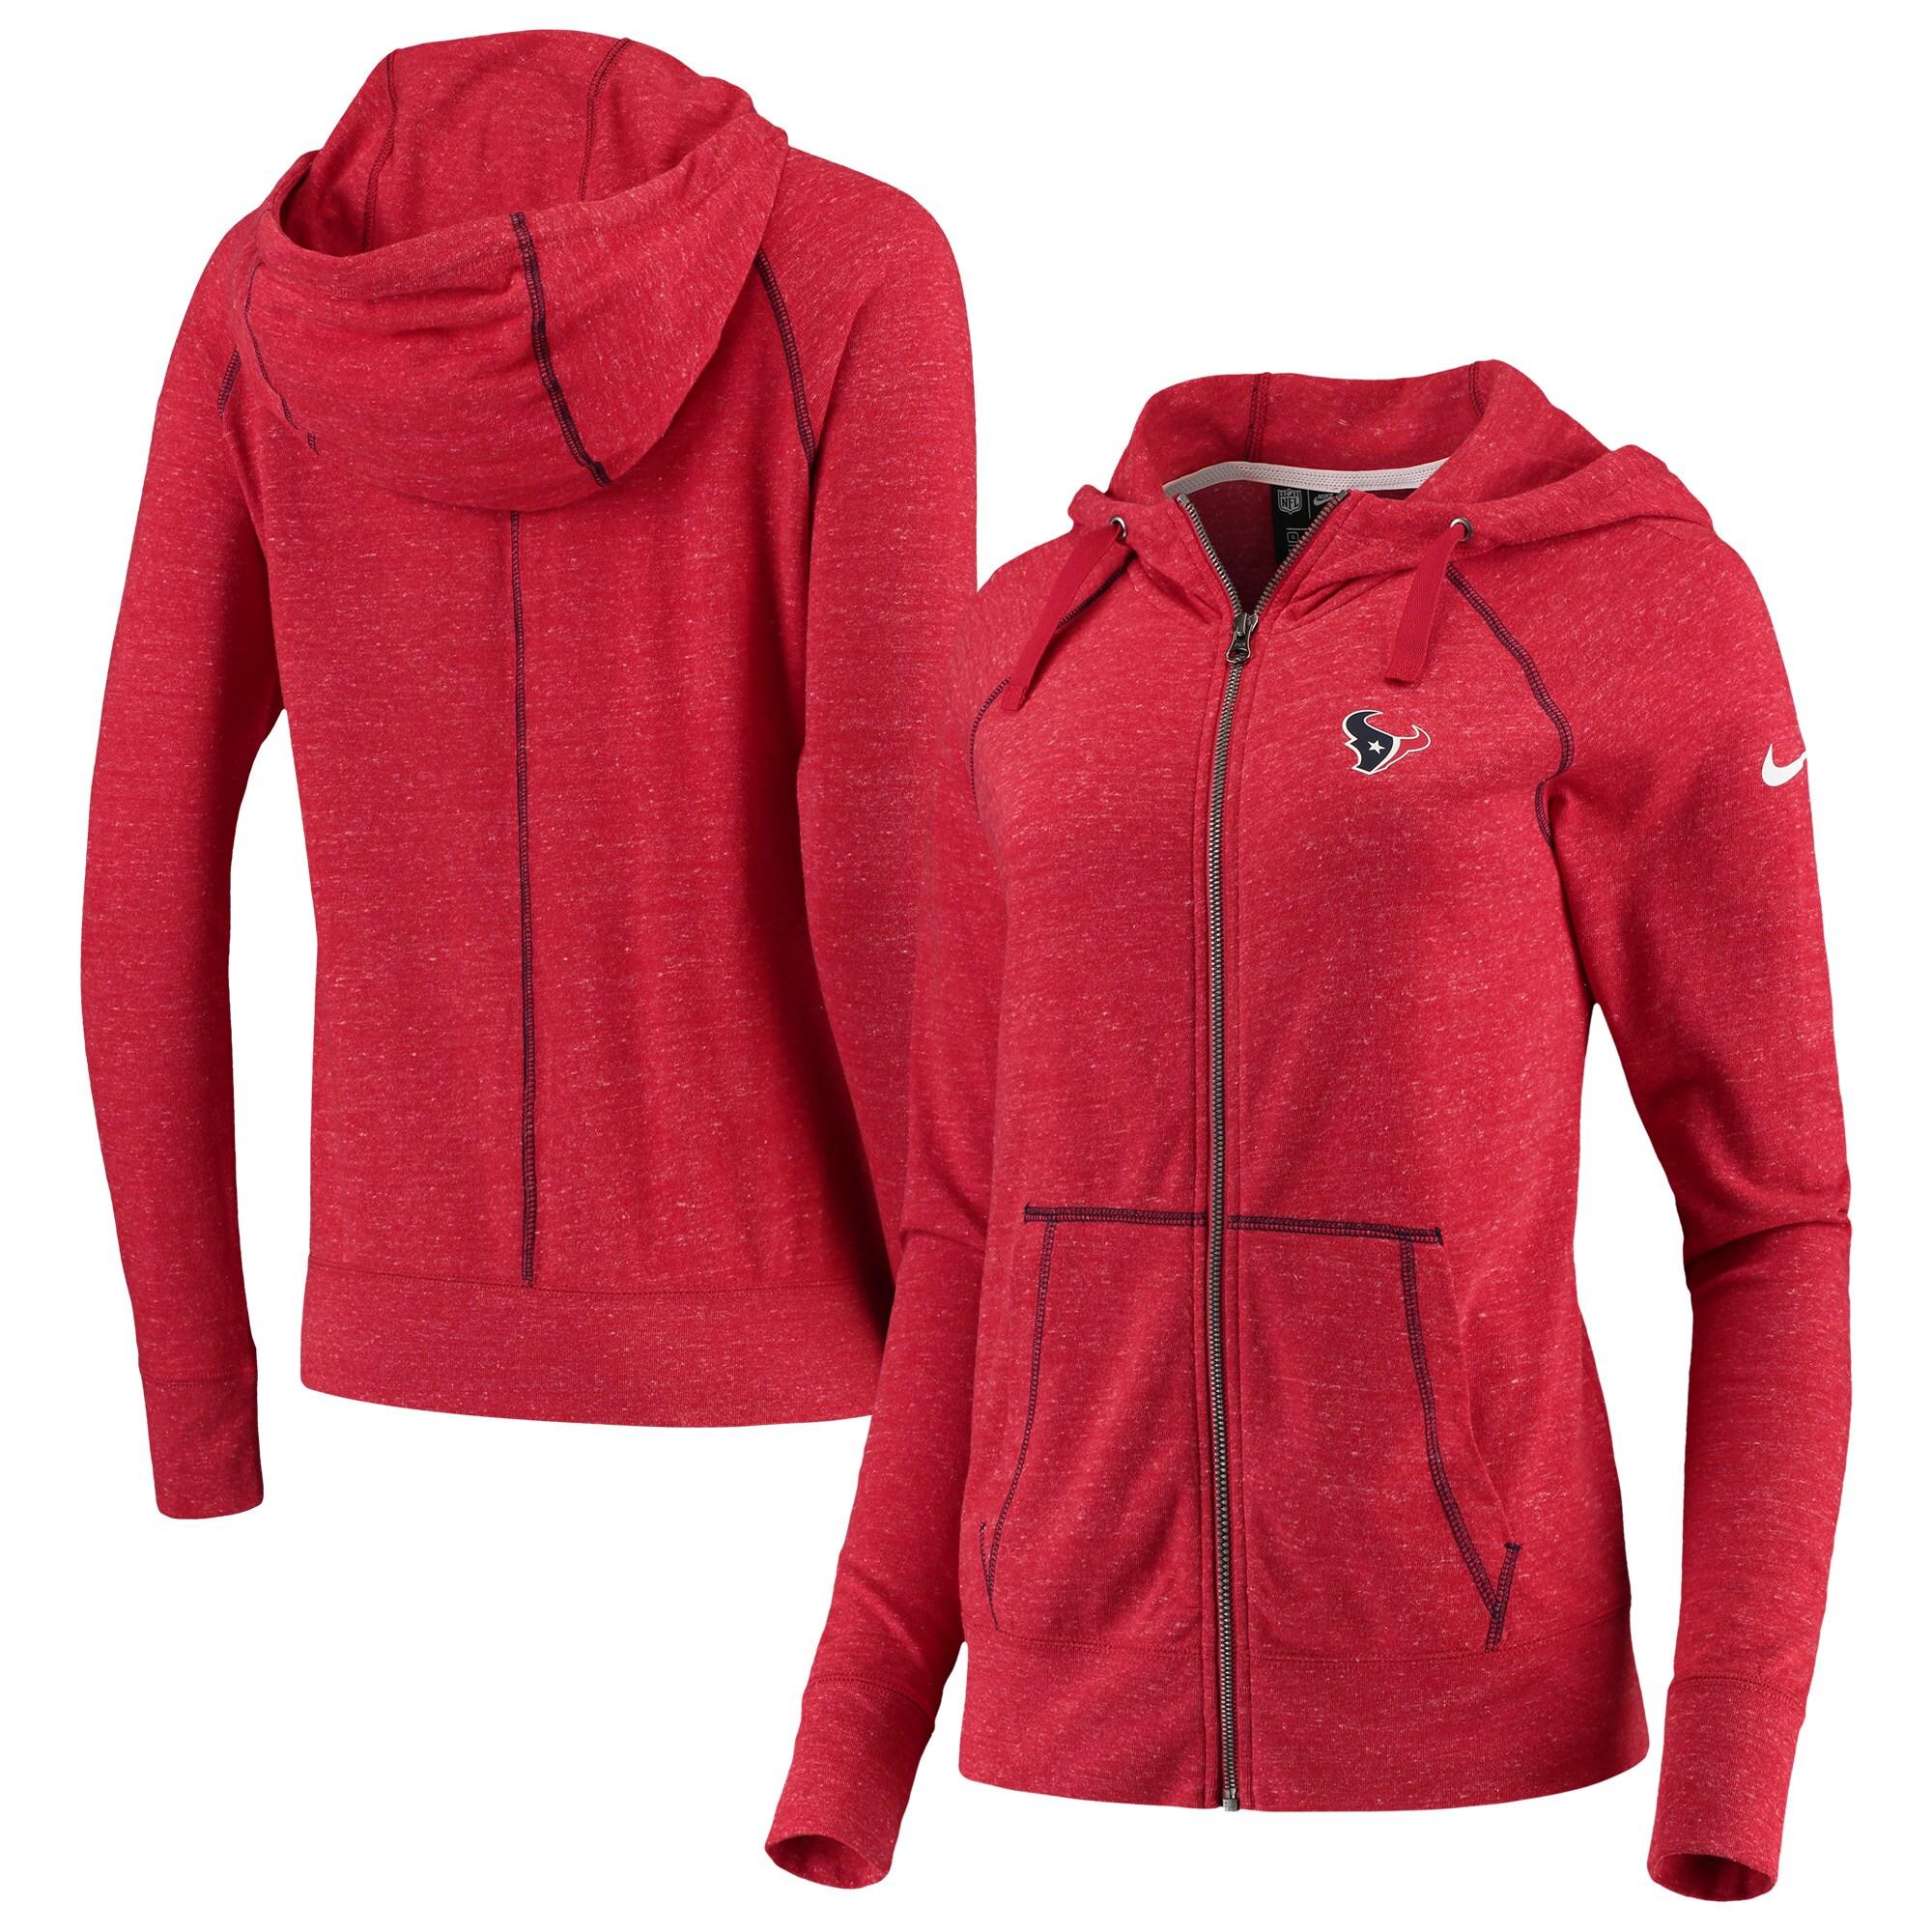 Houston Texans Nike Women's Gym Vintage Raglan Full-Zip Hoodie - Heathered Red